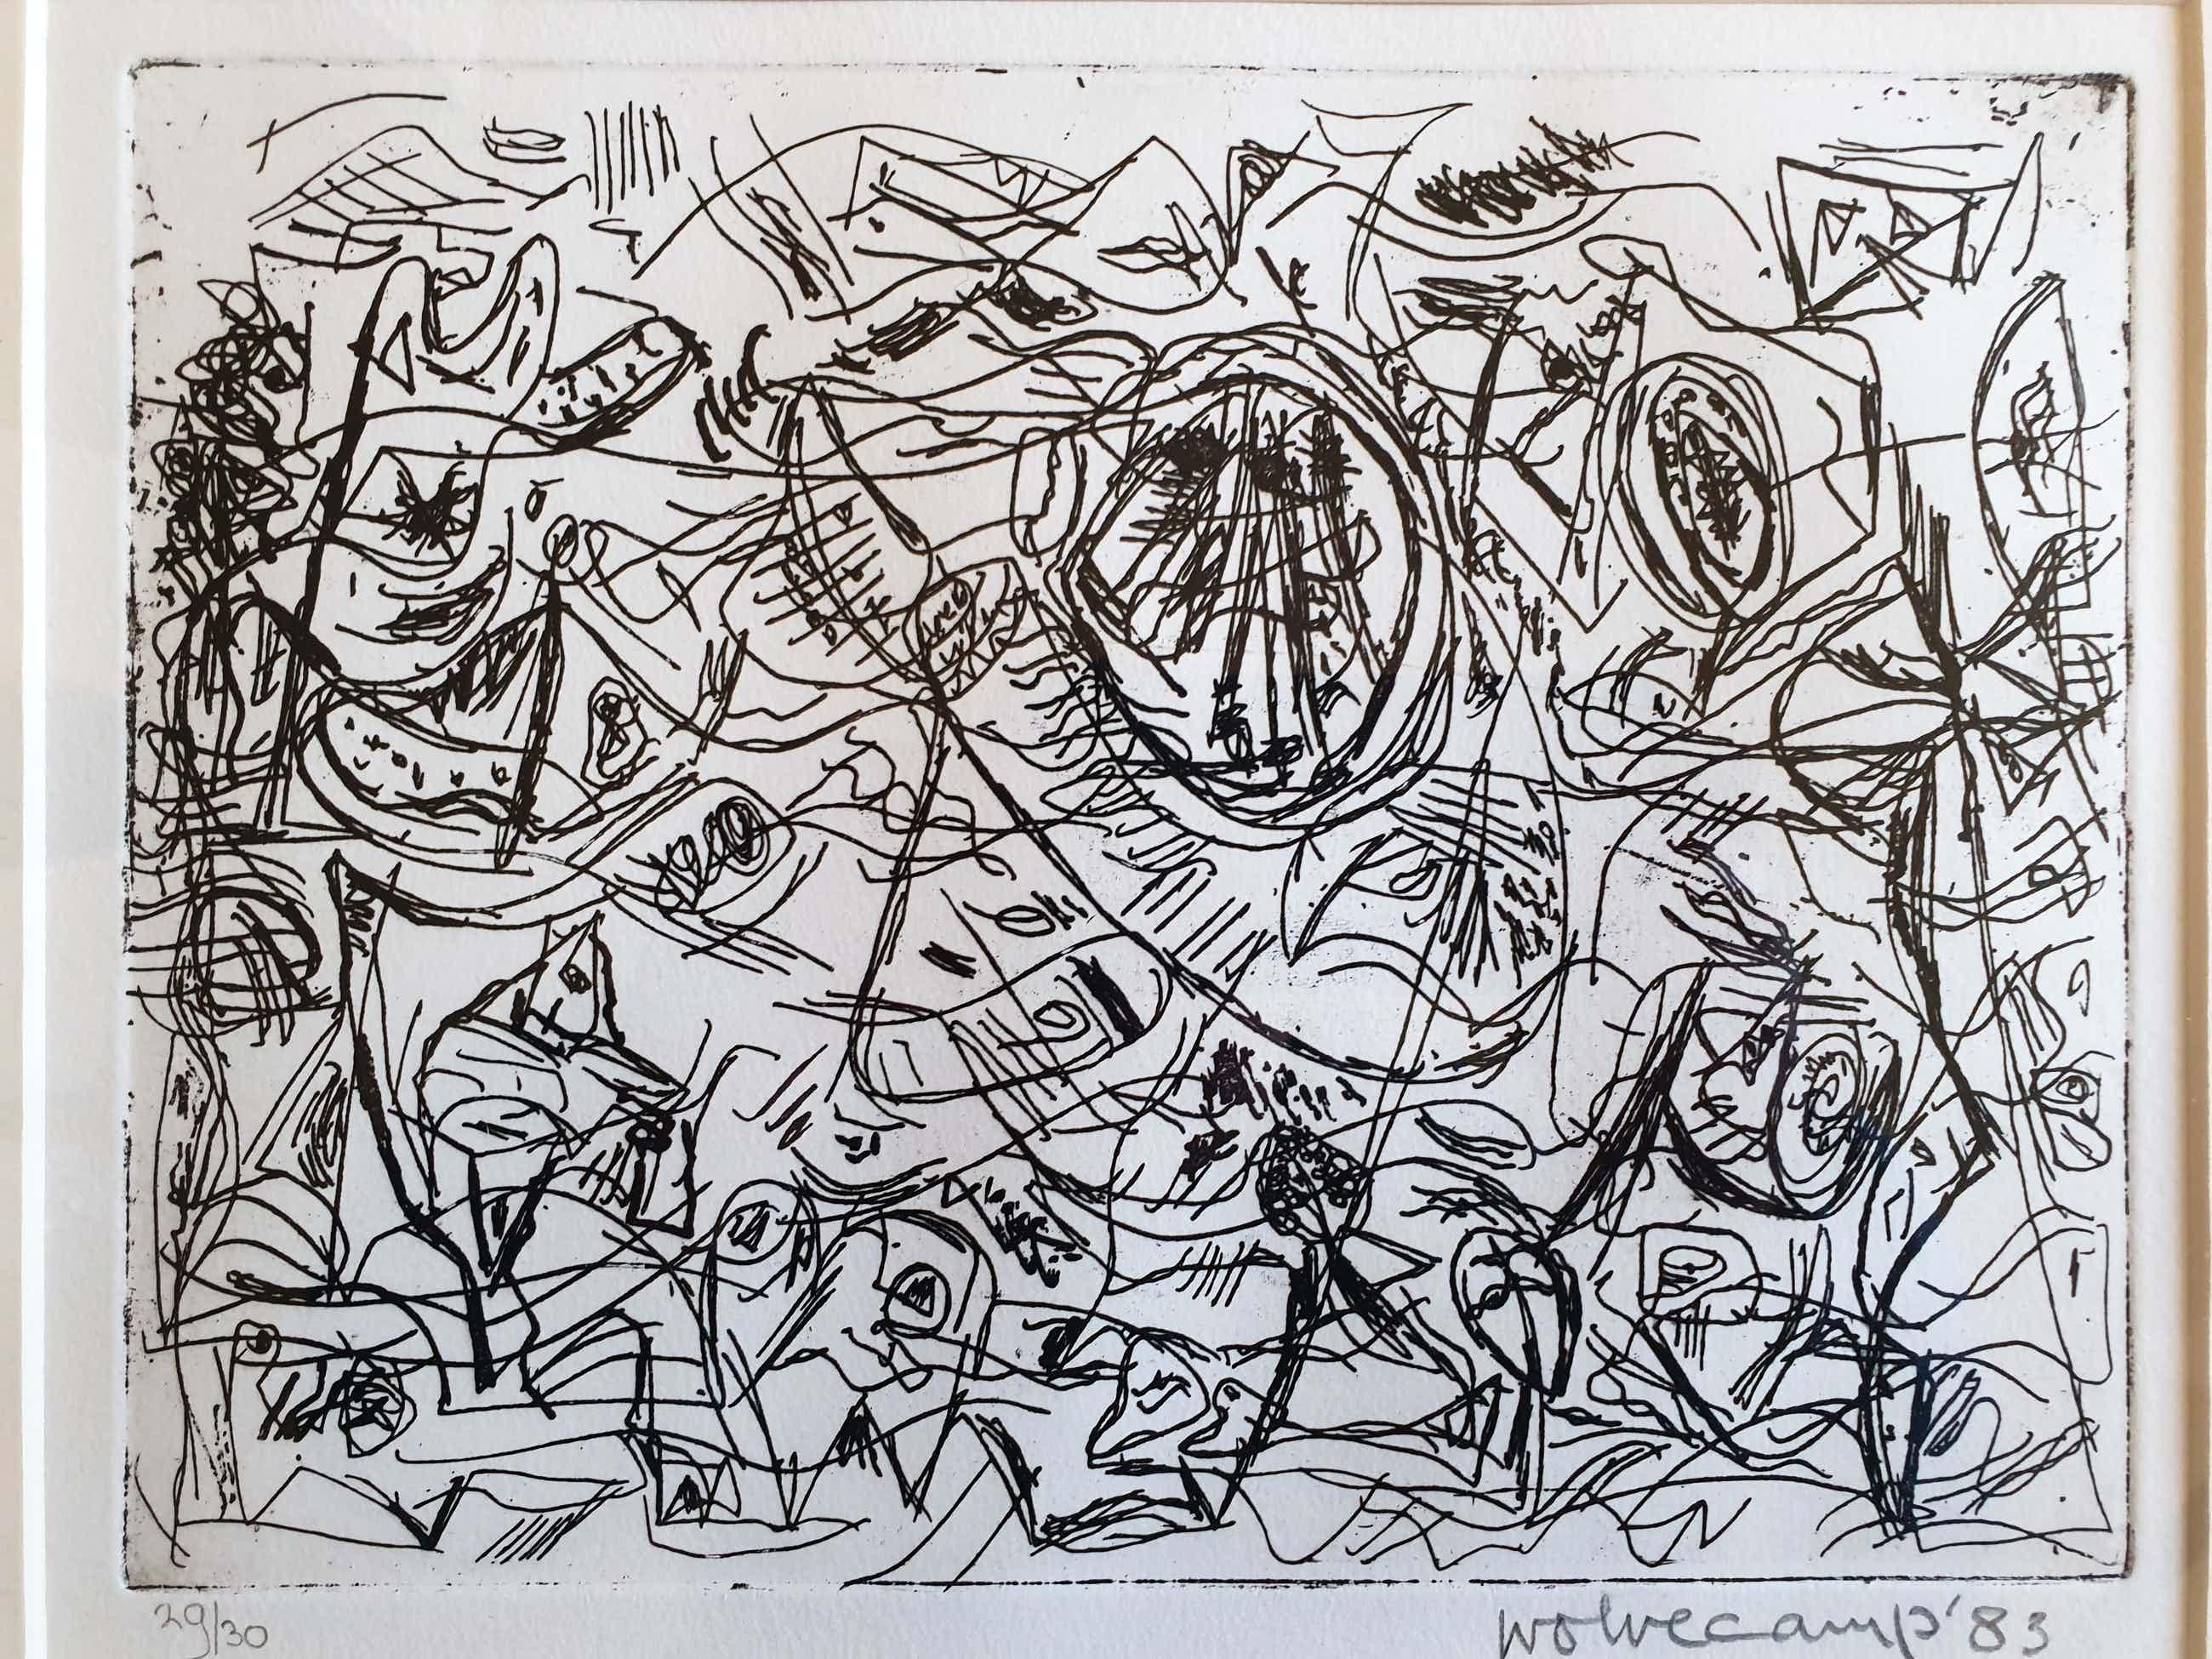 Theo Wolvecamp - Kleine oplage, handgesigneerde ingelijste ets, abstracte compositie kopen? Bied vanaf 225!